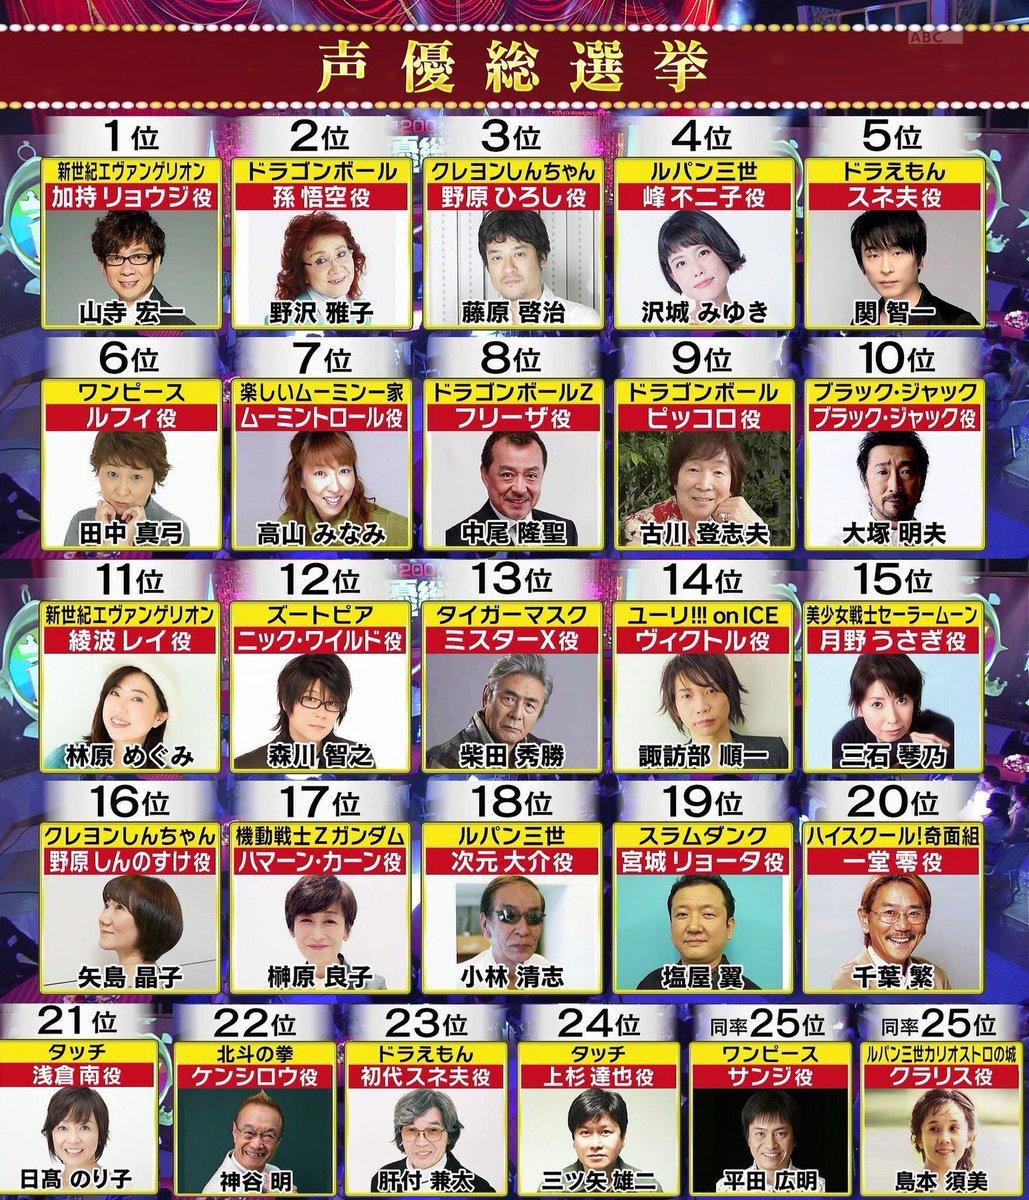 声優が選ぶ声優総選挙が話題ですが、ここでスペースダンディの声優陣を確認してみましょう